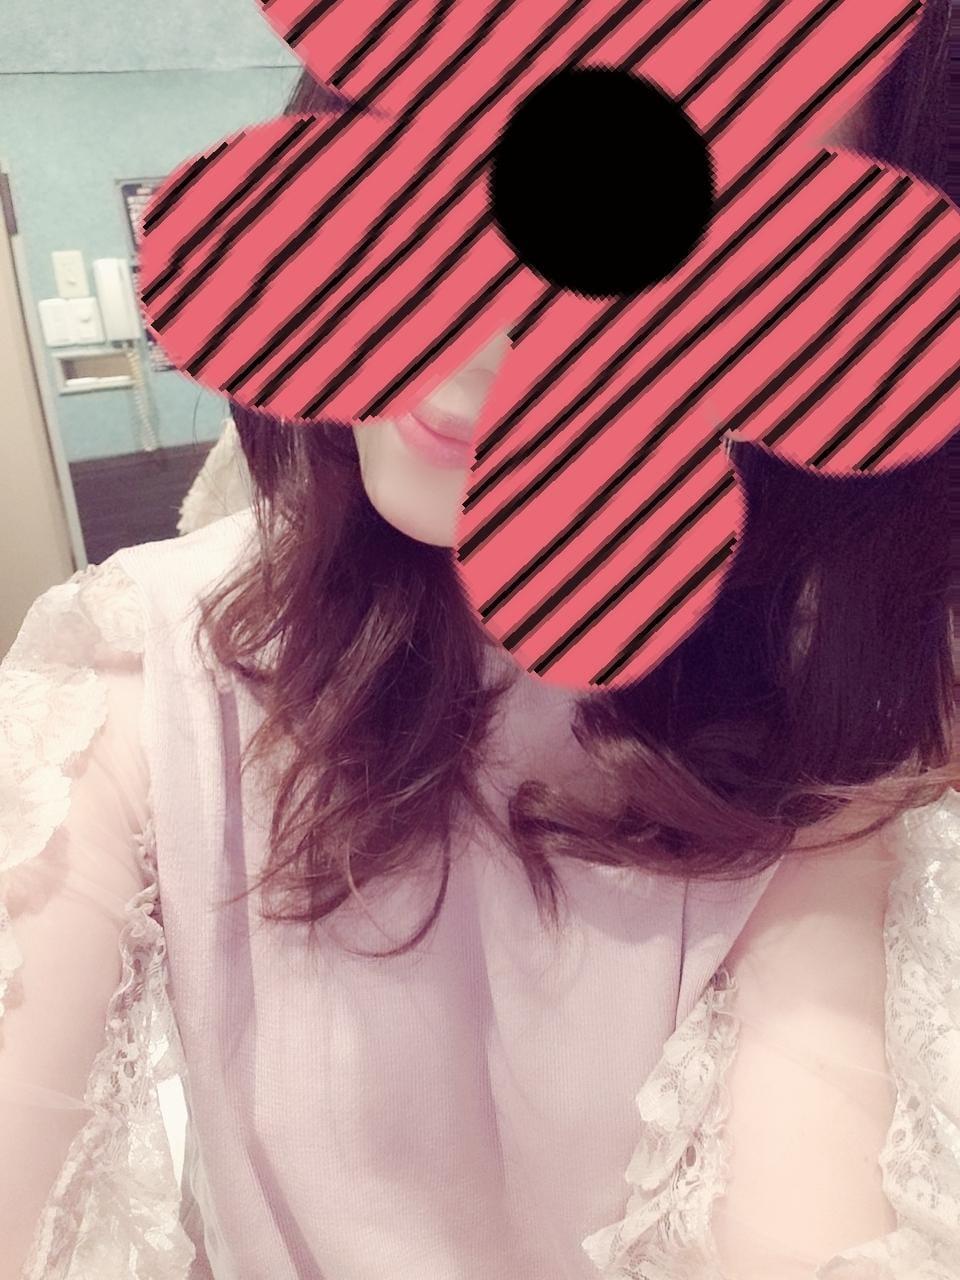 市原 アン「予定…?」12/15(日) 08:49 | 市原 アンの写メ・風俗動画